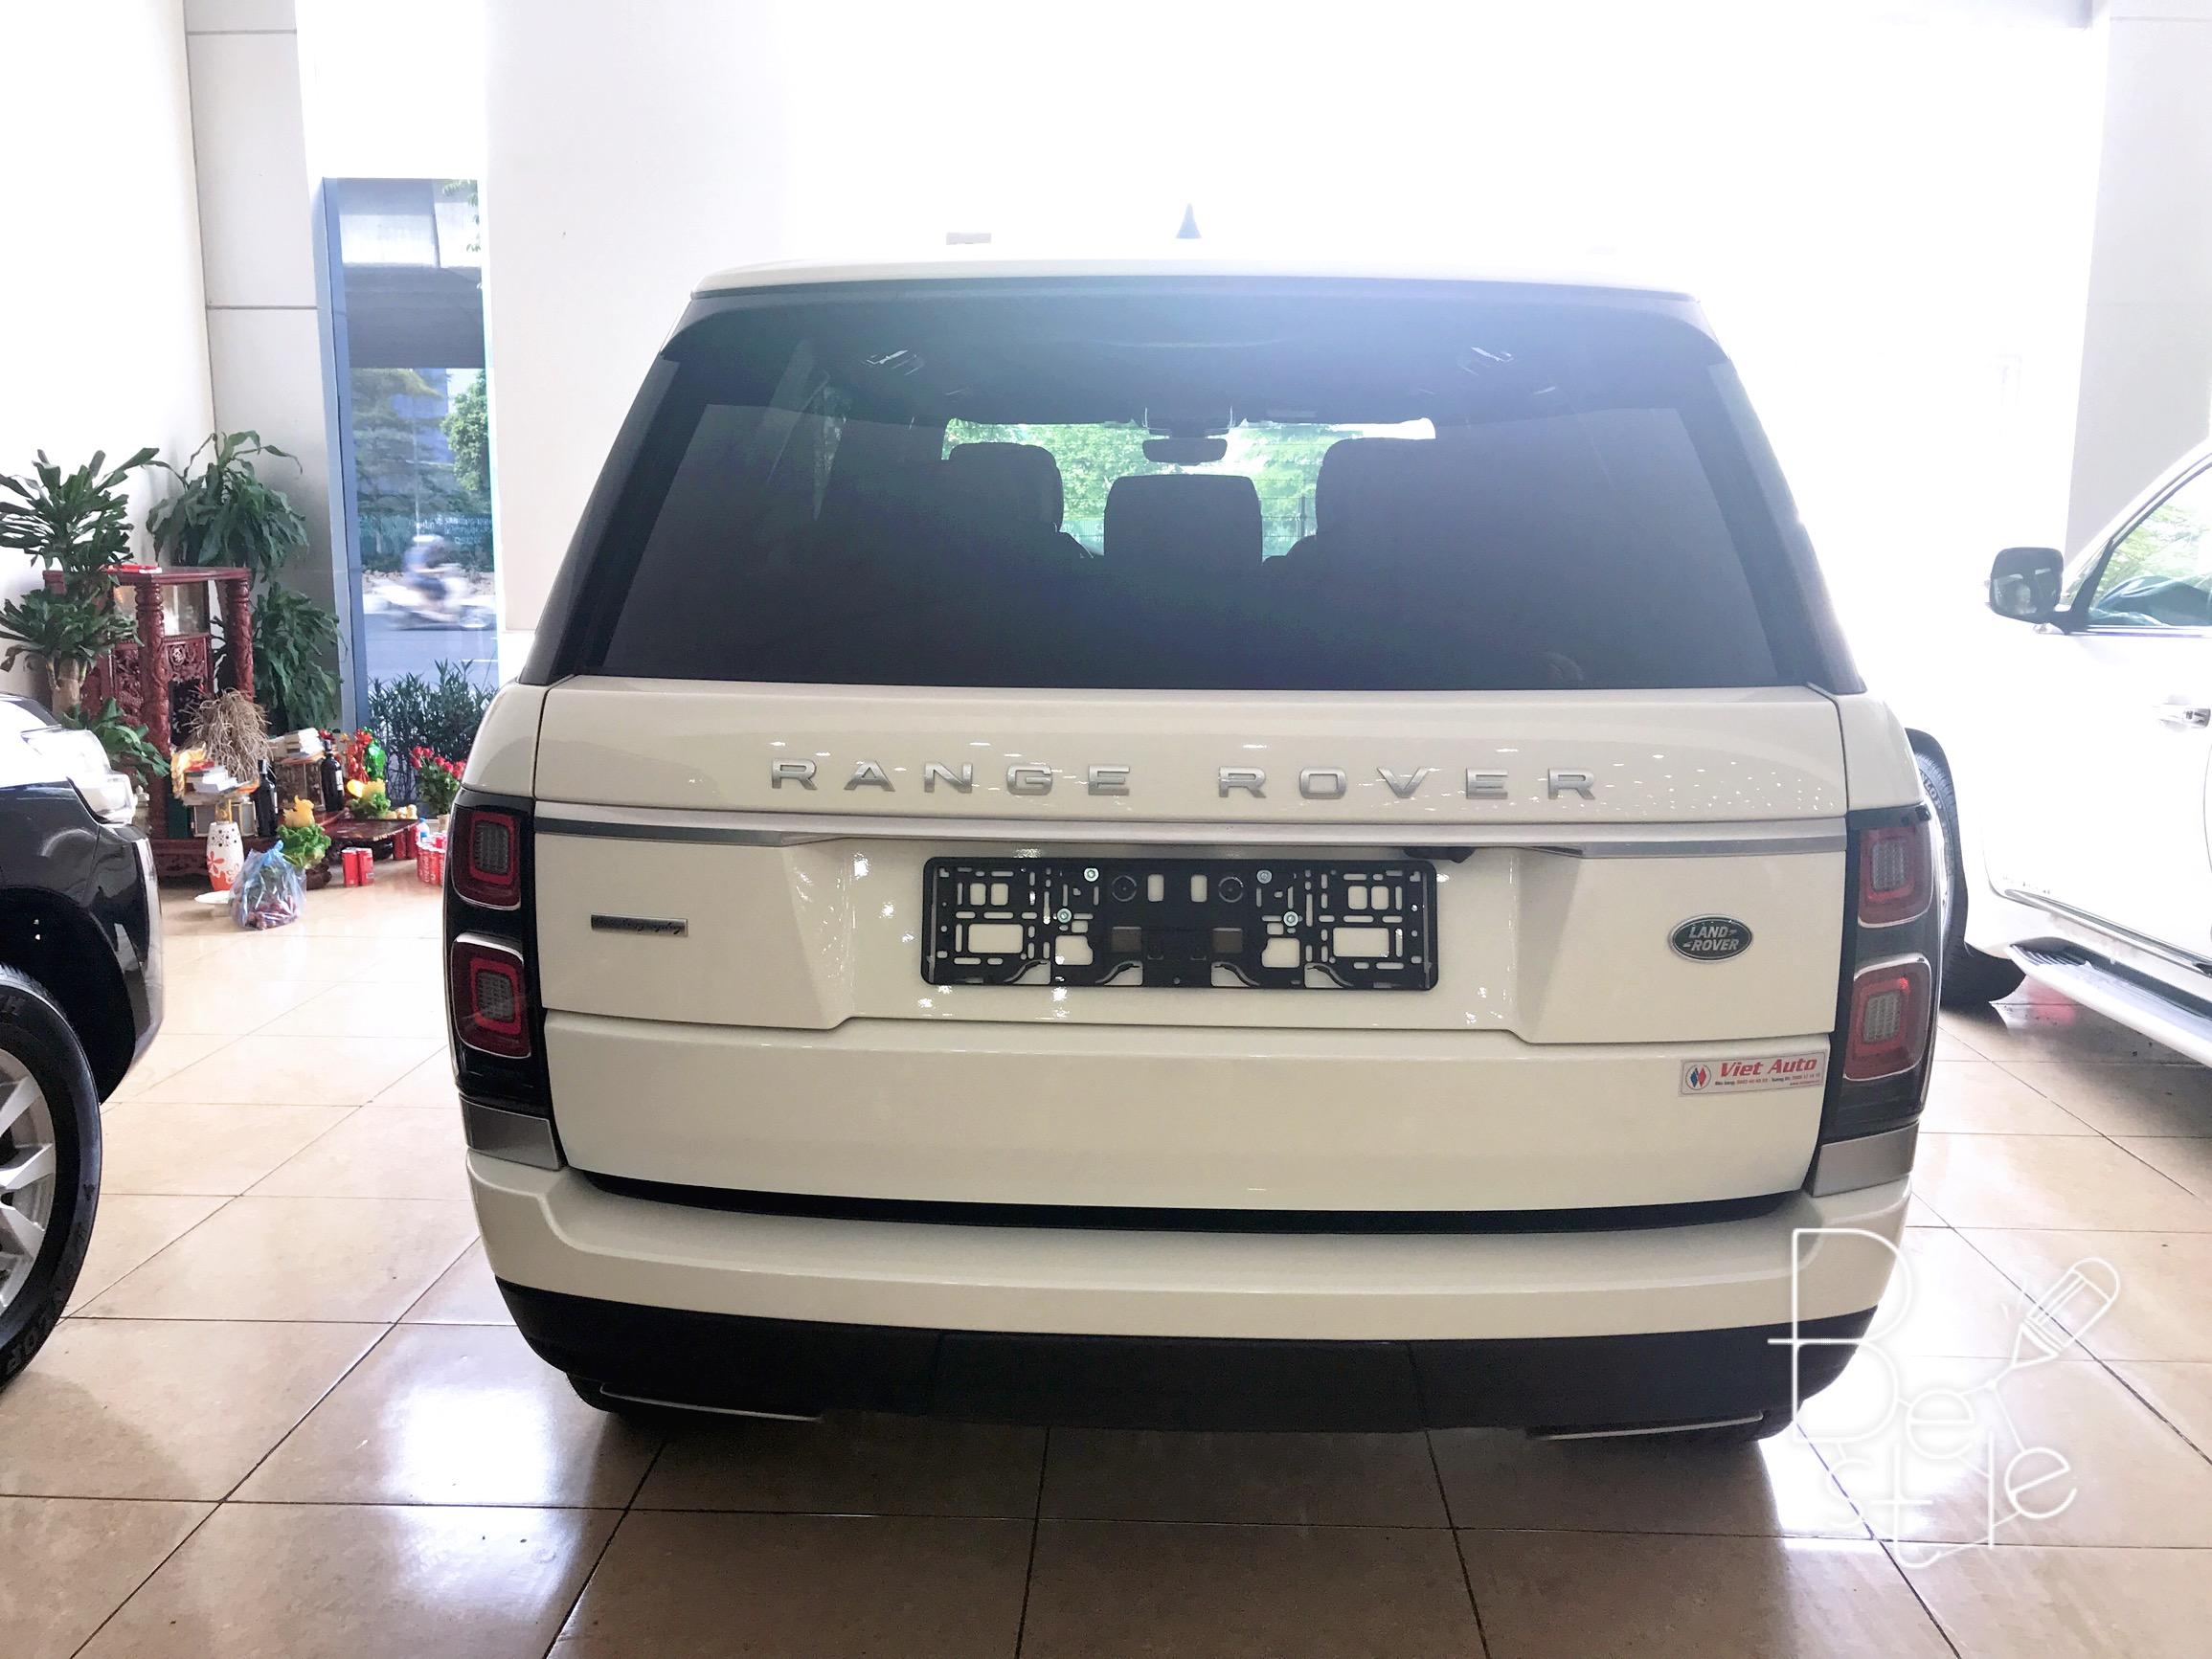 Bán Range Rover Autobiography LWB 5.0 ,nhập Mỹ 2019,xe giao ngay .LH :0906223838 3